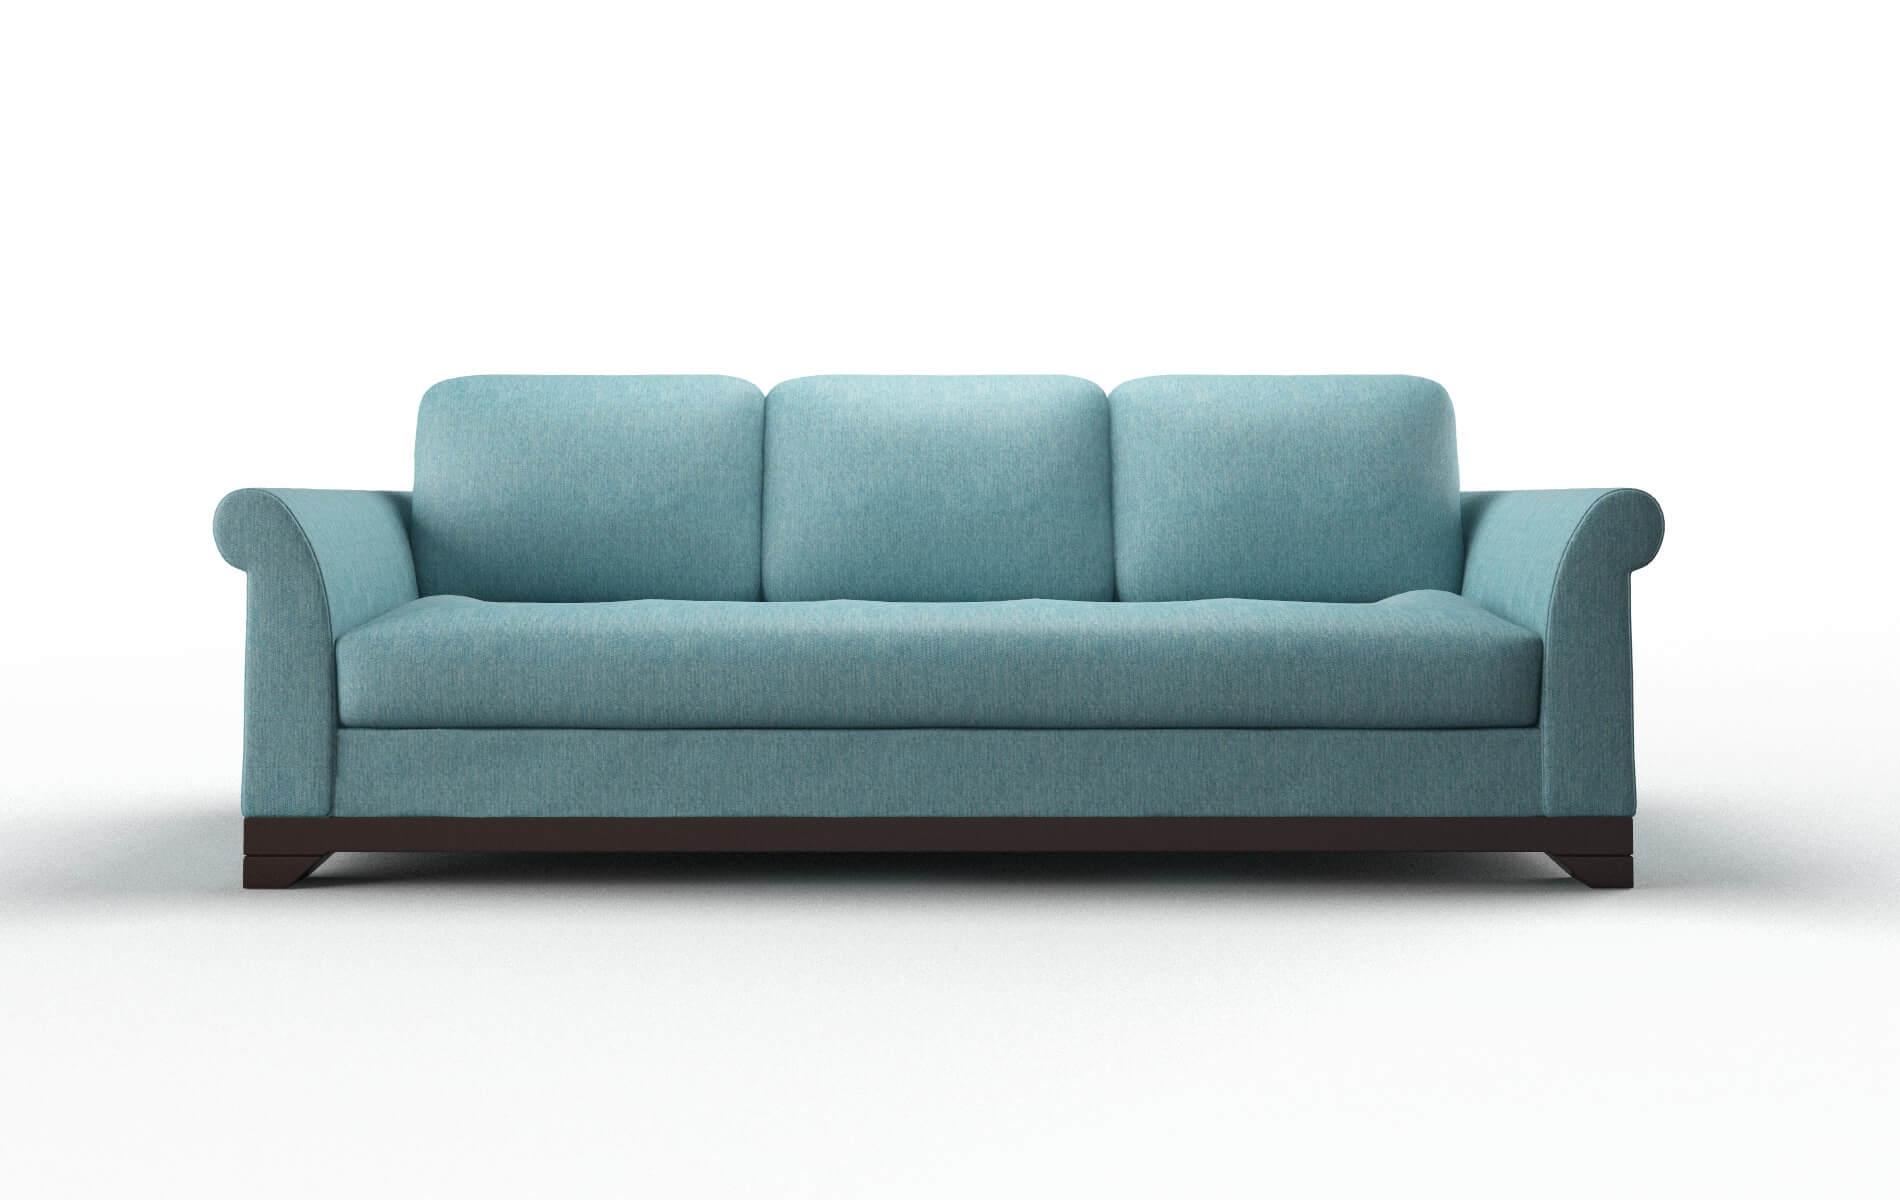 Denver Cosmo Turquoise Sofa espresso legs 1